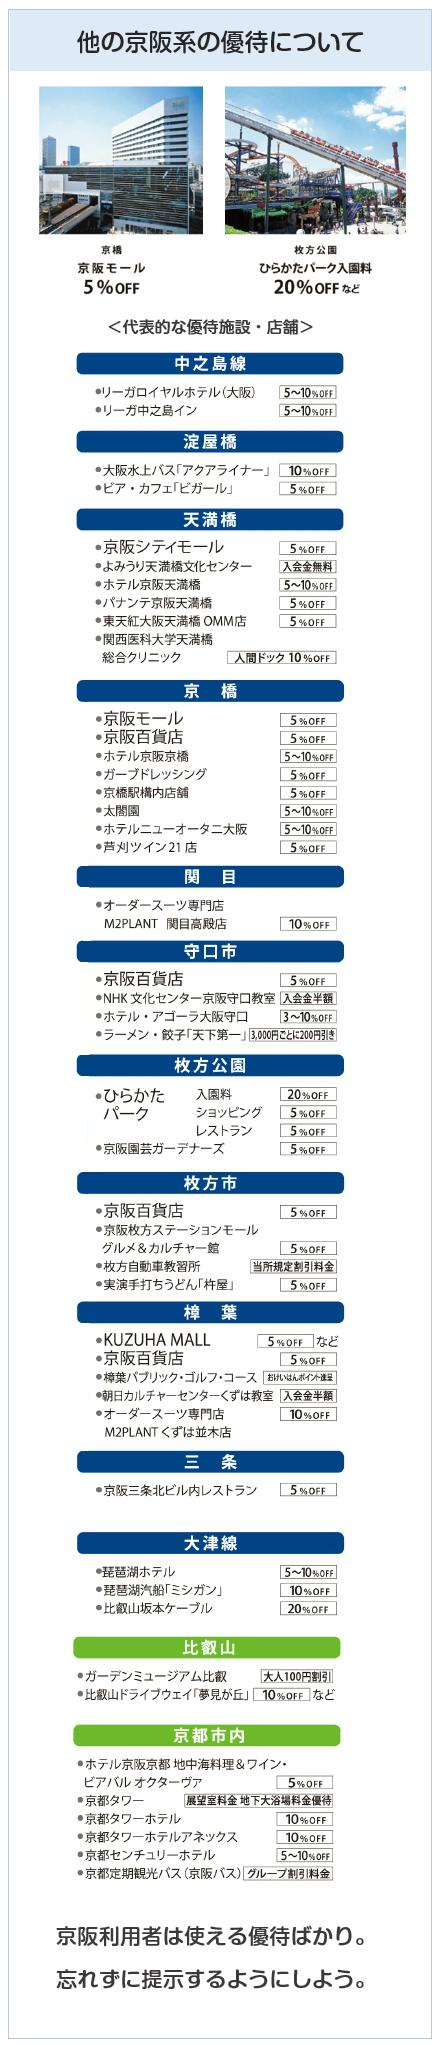 京阪カード(e-kenet VISAカードPiTaPa)の京阪系施設・店舗での特典一覧